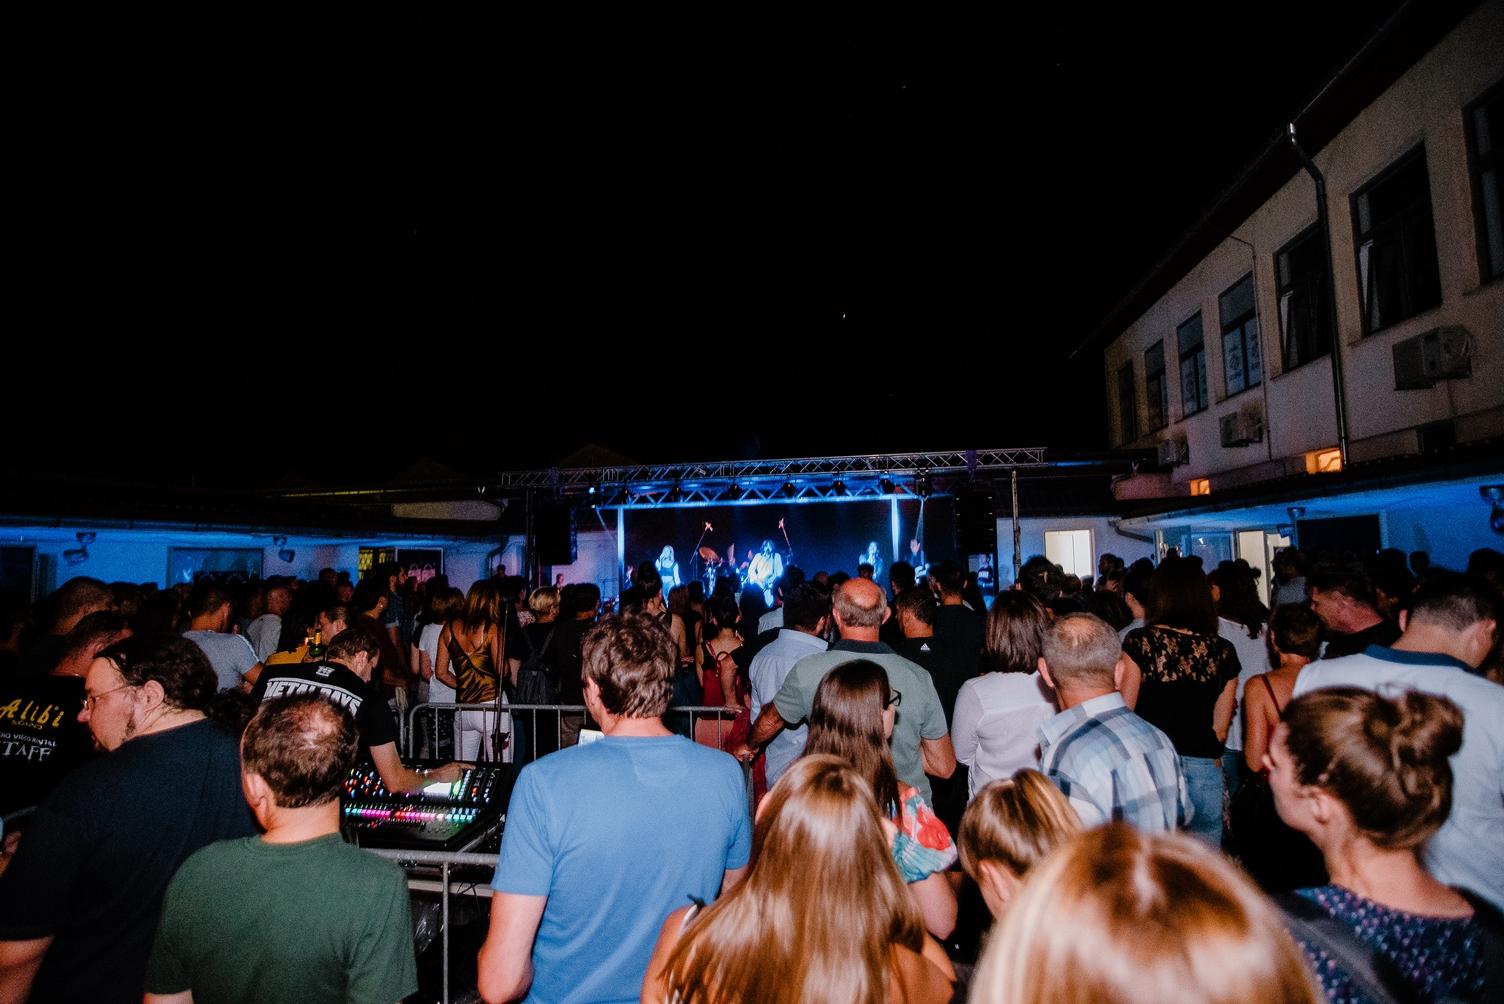 GROCKS-2019-Lika-Kolorado-Silente-foto-Josip-Durdov-6